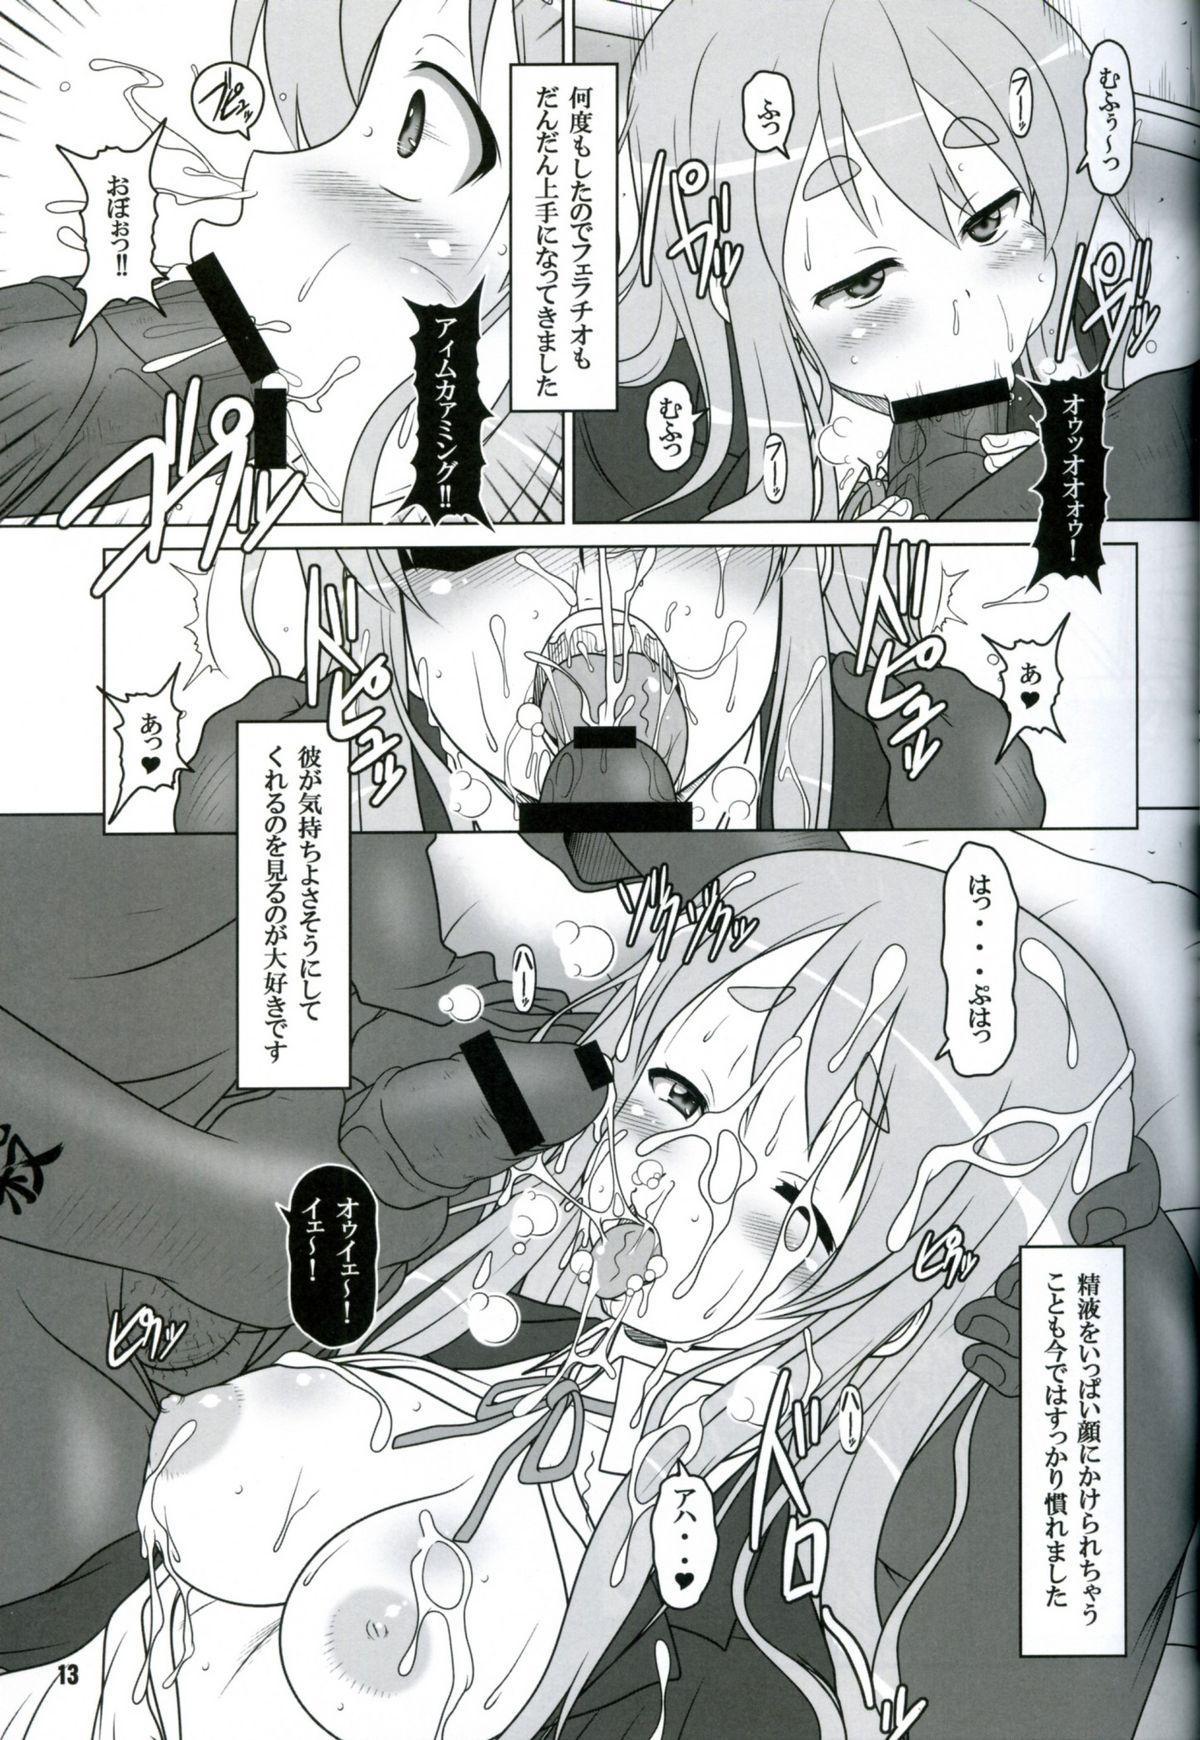 Kuroiro Jikan - Black Time 11